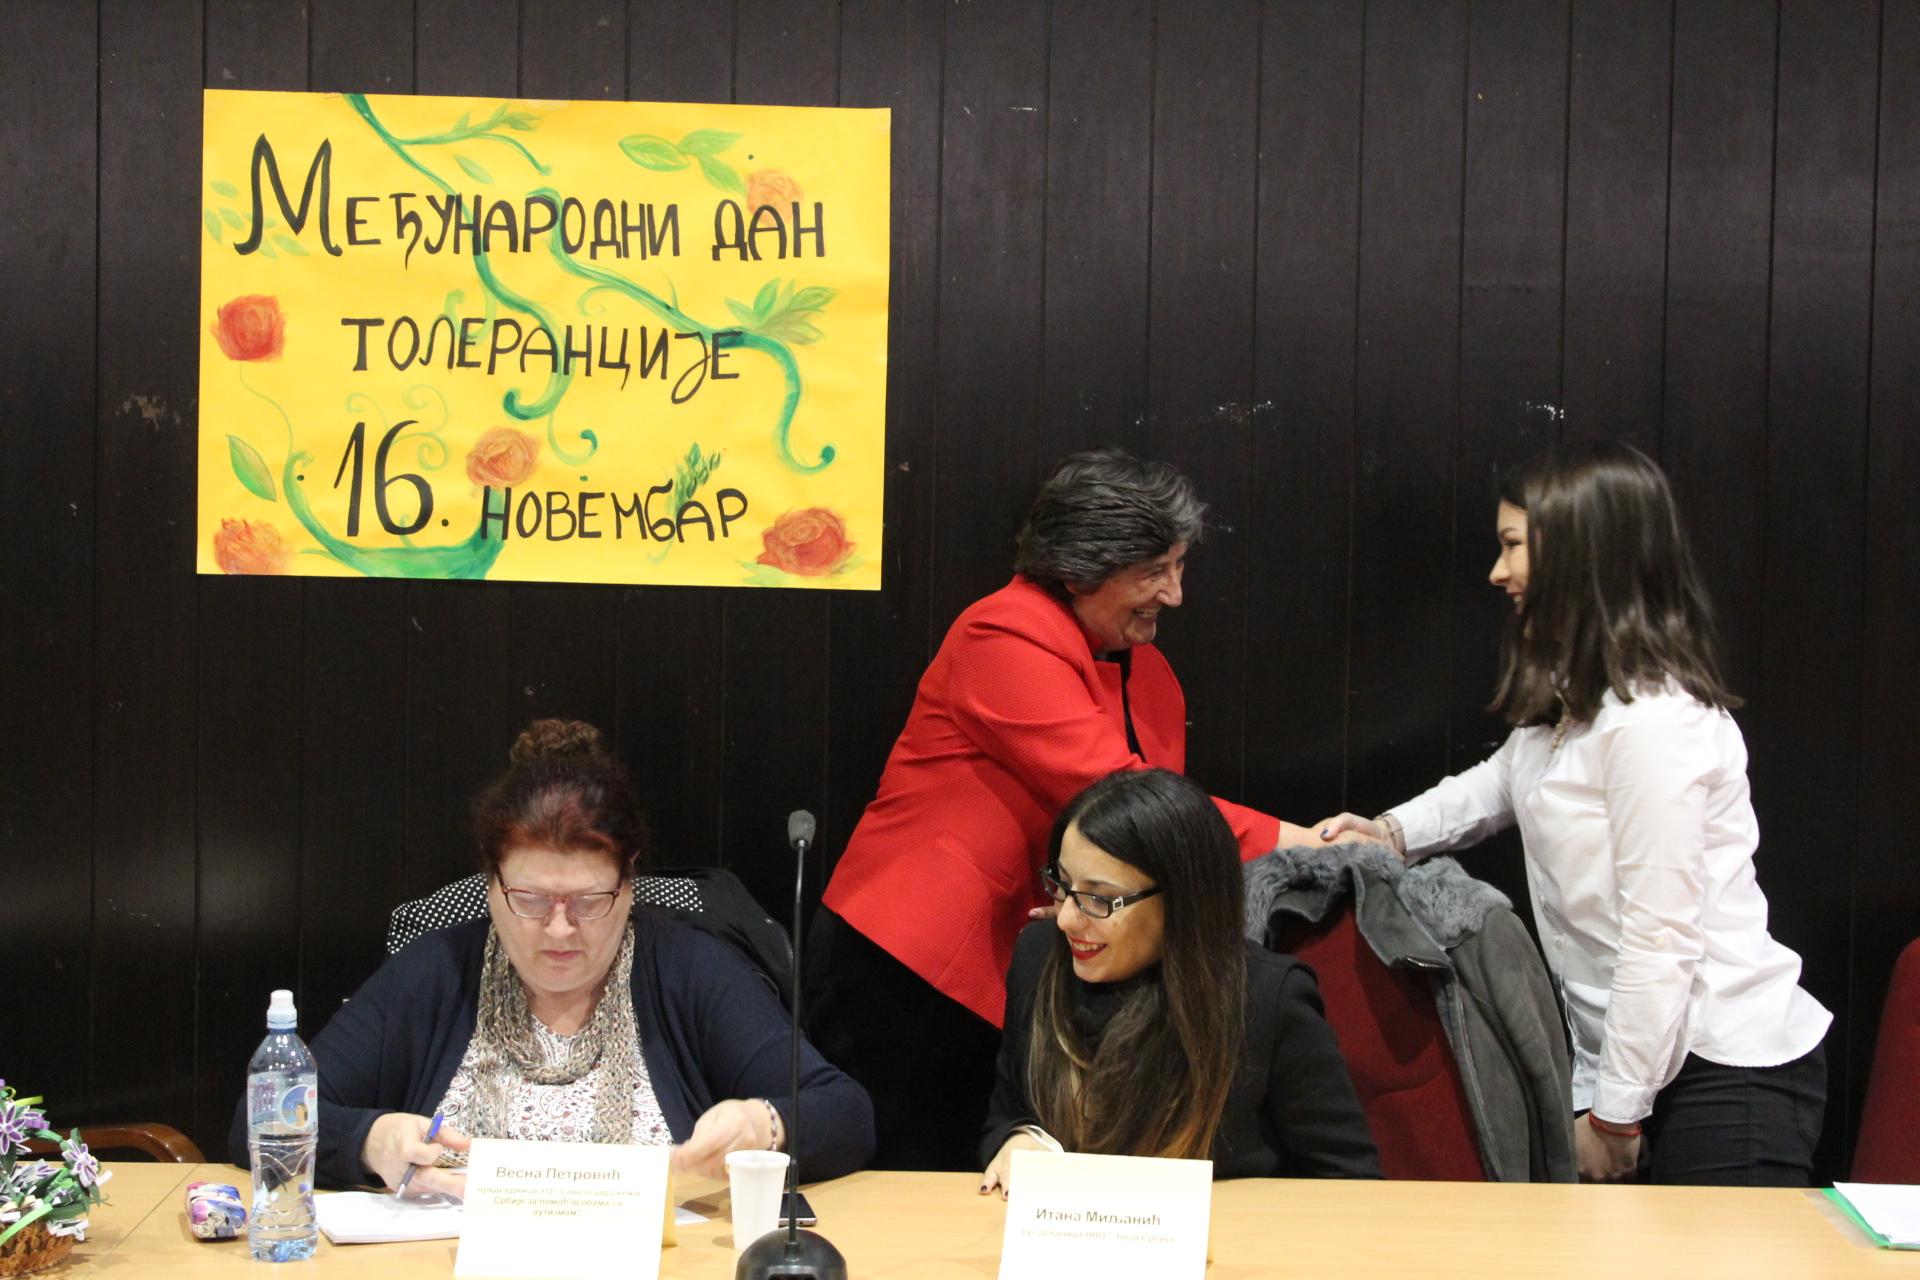 Učestvovali smo u obeležavanju Međunarodnog dana toleranicije na Novom Beogradu